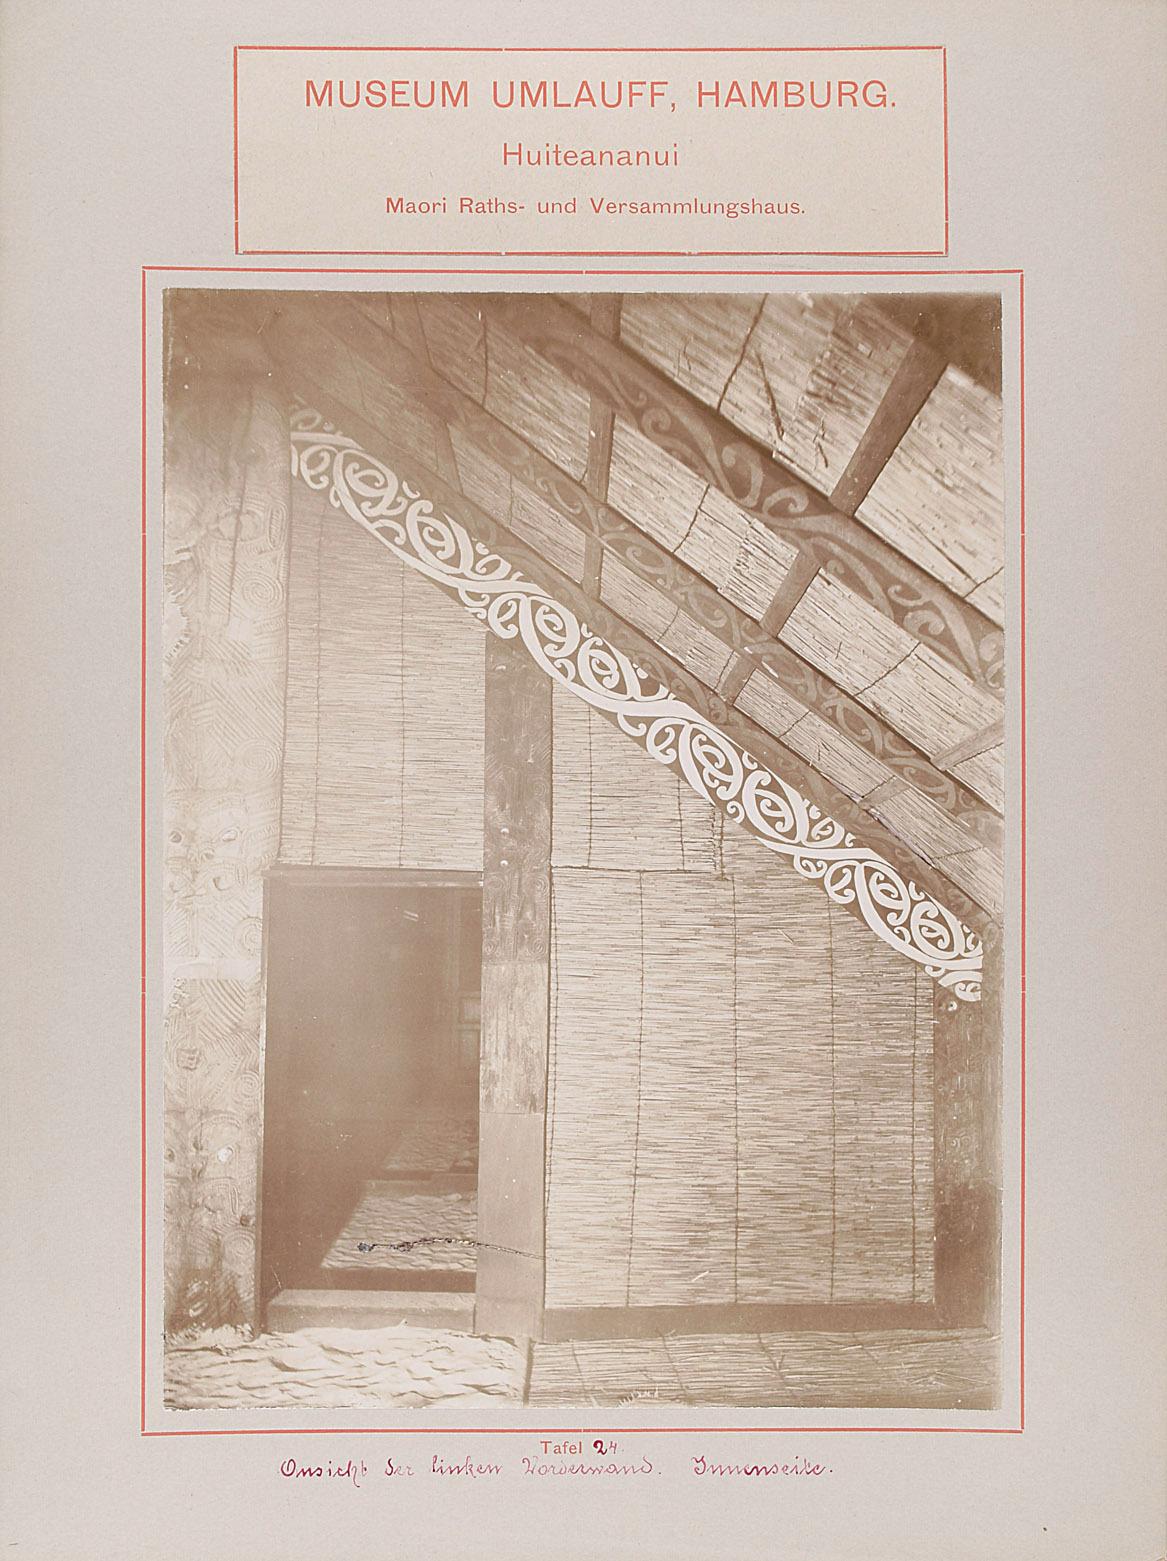 Museum Umlauff, Hamburg. Huiteananui, Maori Raths- und Versammlungshaus: Tafel 24. Ansicht der linken Vorderwand, Innenseite von anonym